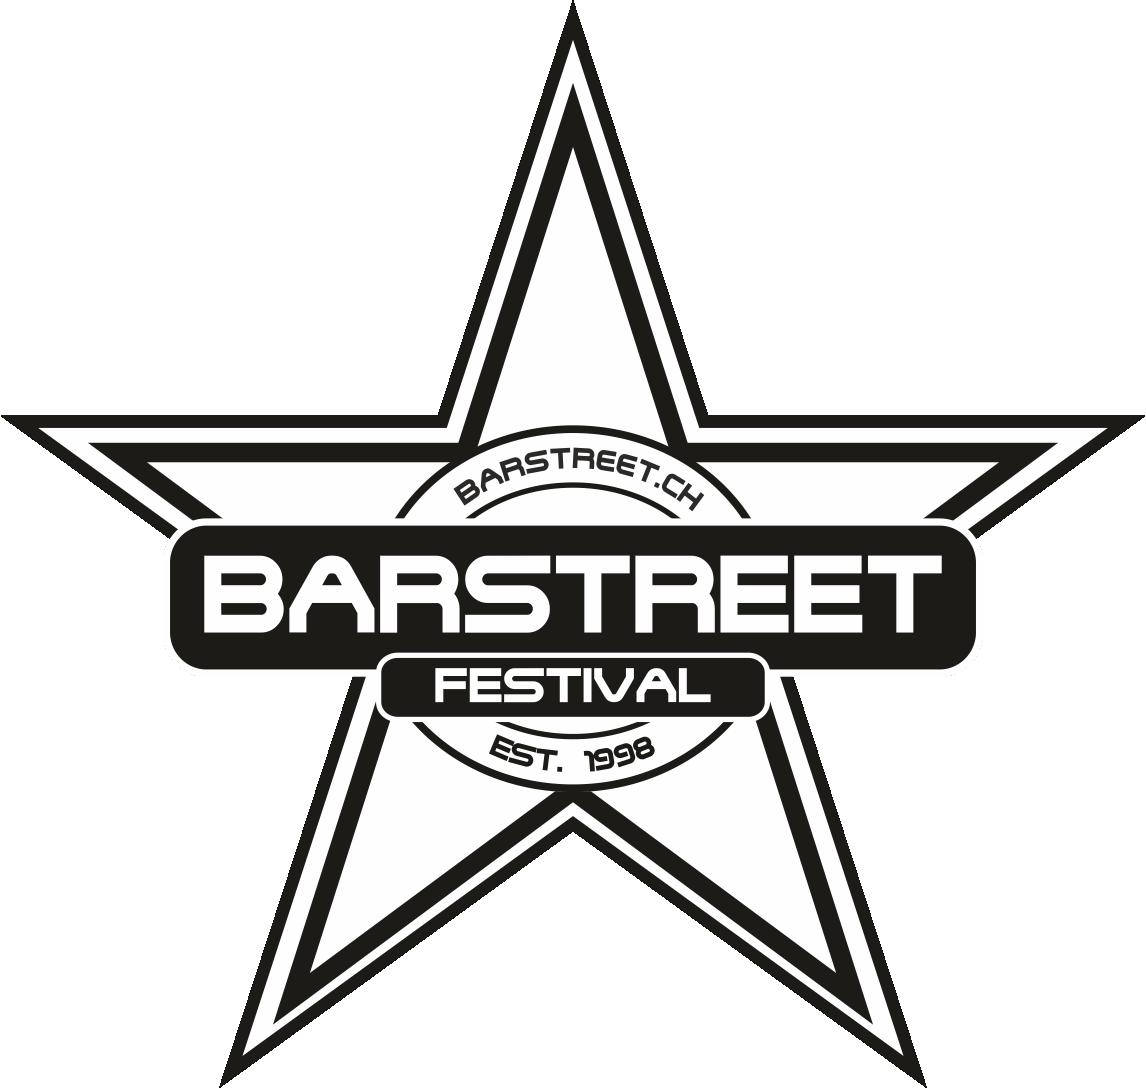 BARSTREET FESTIVAL